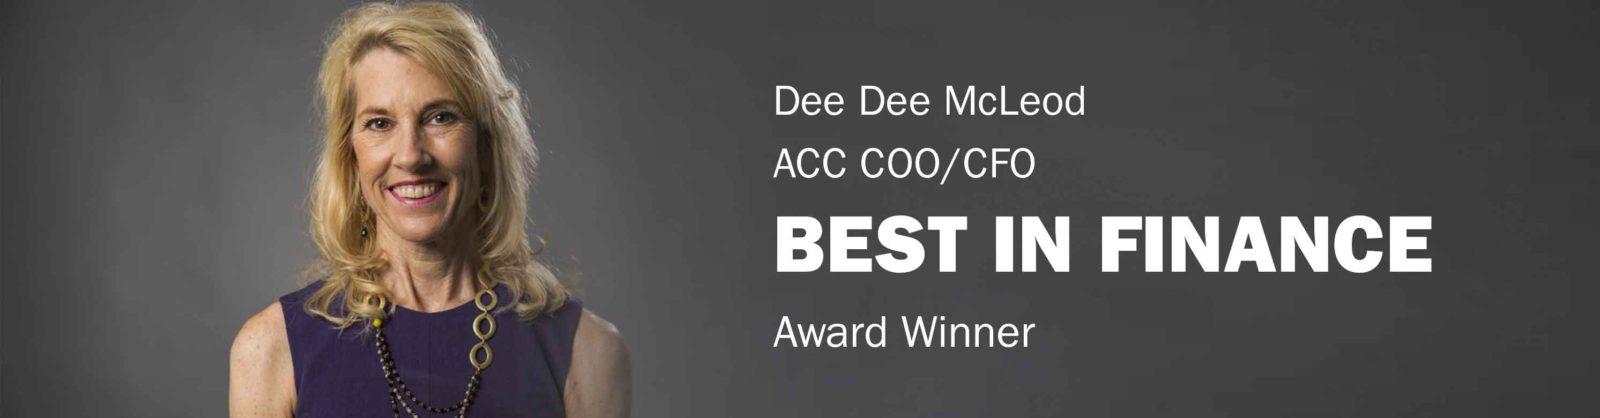 Best in Finance Award Winner Dee Dee McLeod Banner